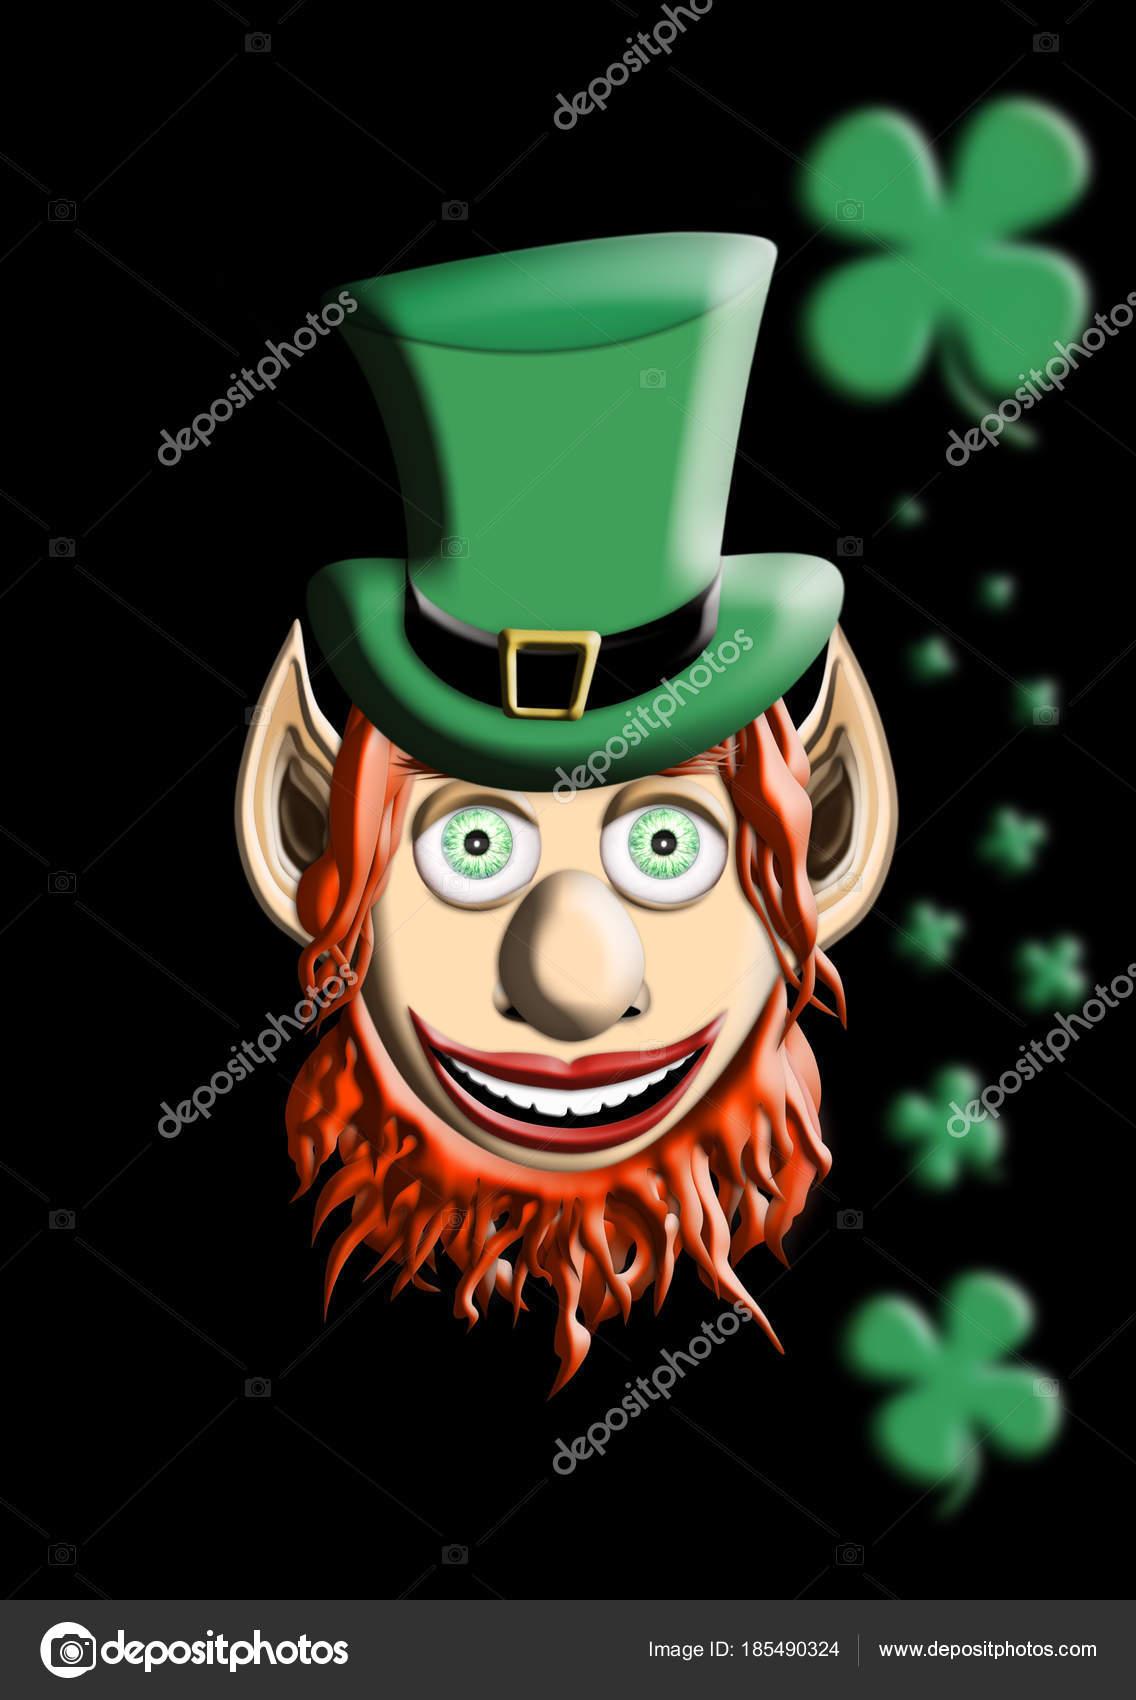 Día de San Patricio. Ilustración 3d de duende con sombrero verde y cuatro  hoja trébol 90ff754b7ae1